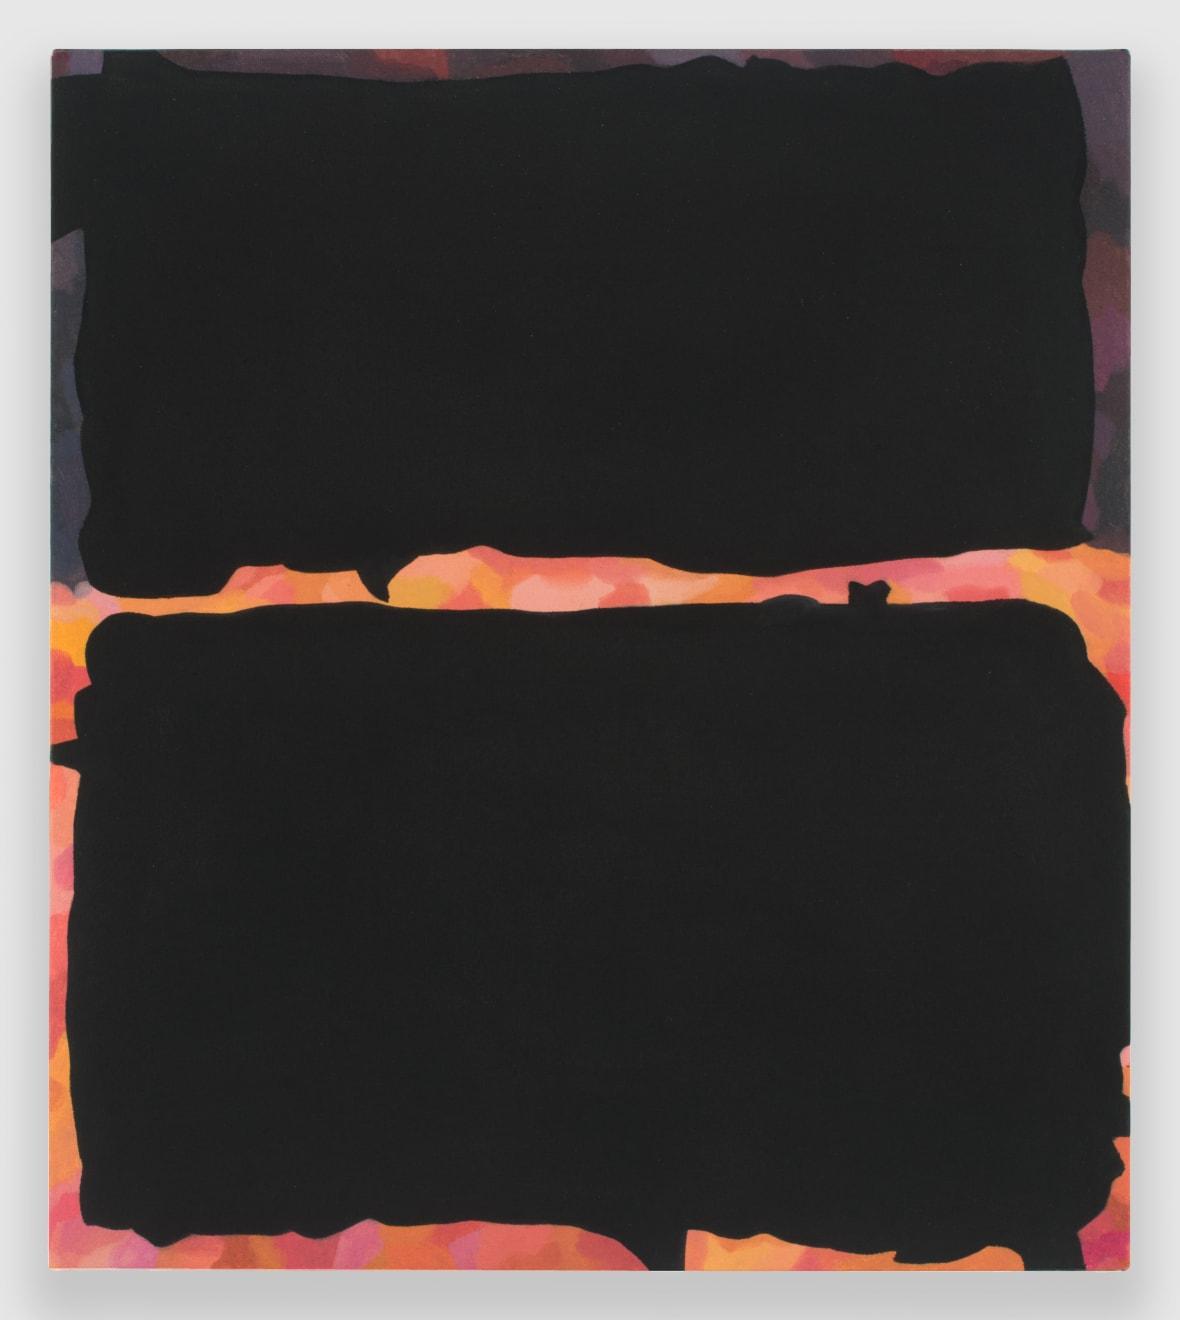 Rob Ventura, Dark Matter I, 2015